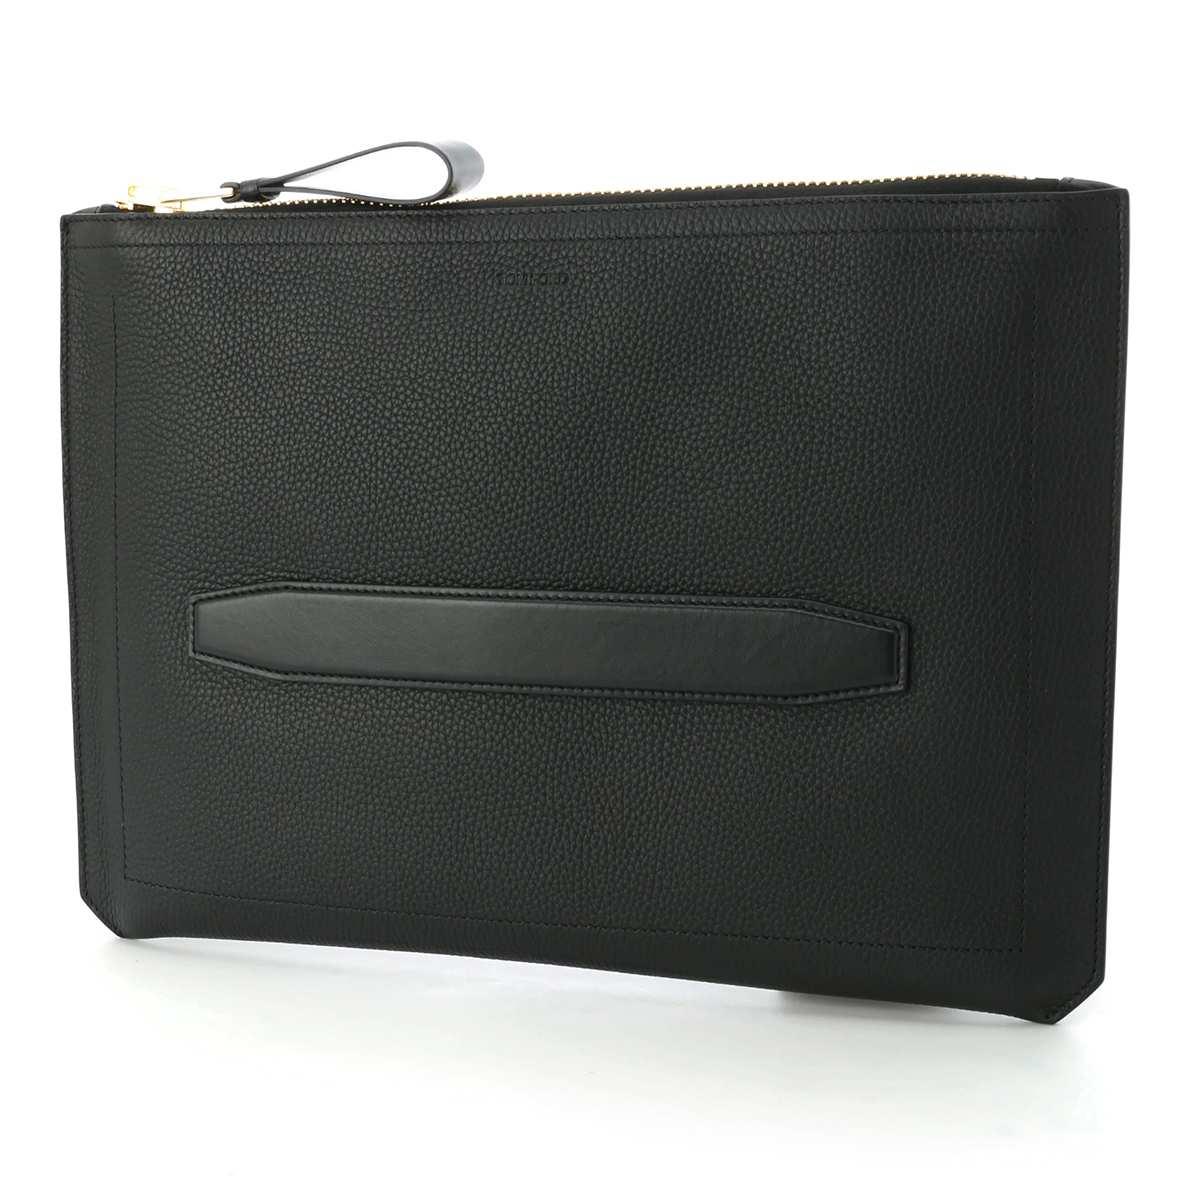 トムフォード TOM FORD クラッチバッグ ブラック メンズ h0271t lcl037 u9000【あす楽対応_関東】【返品送料無料】【ラッピング無料】